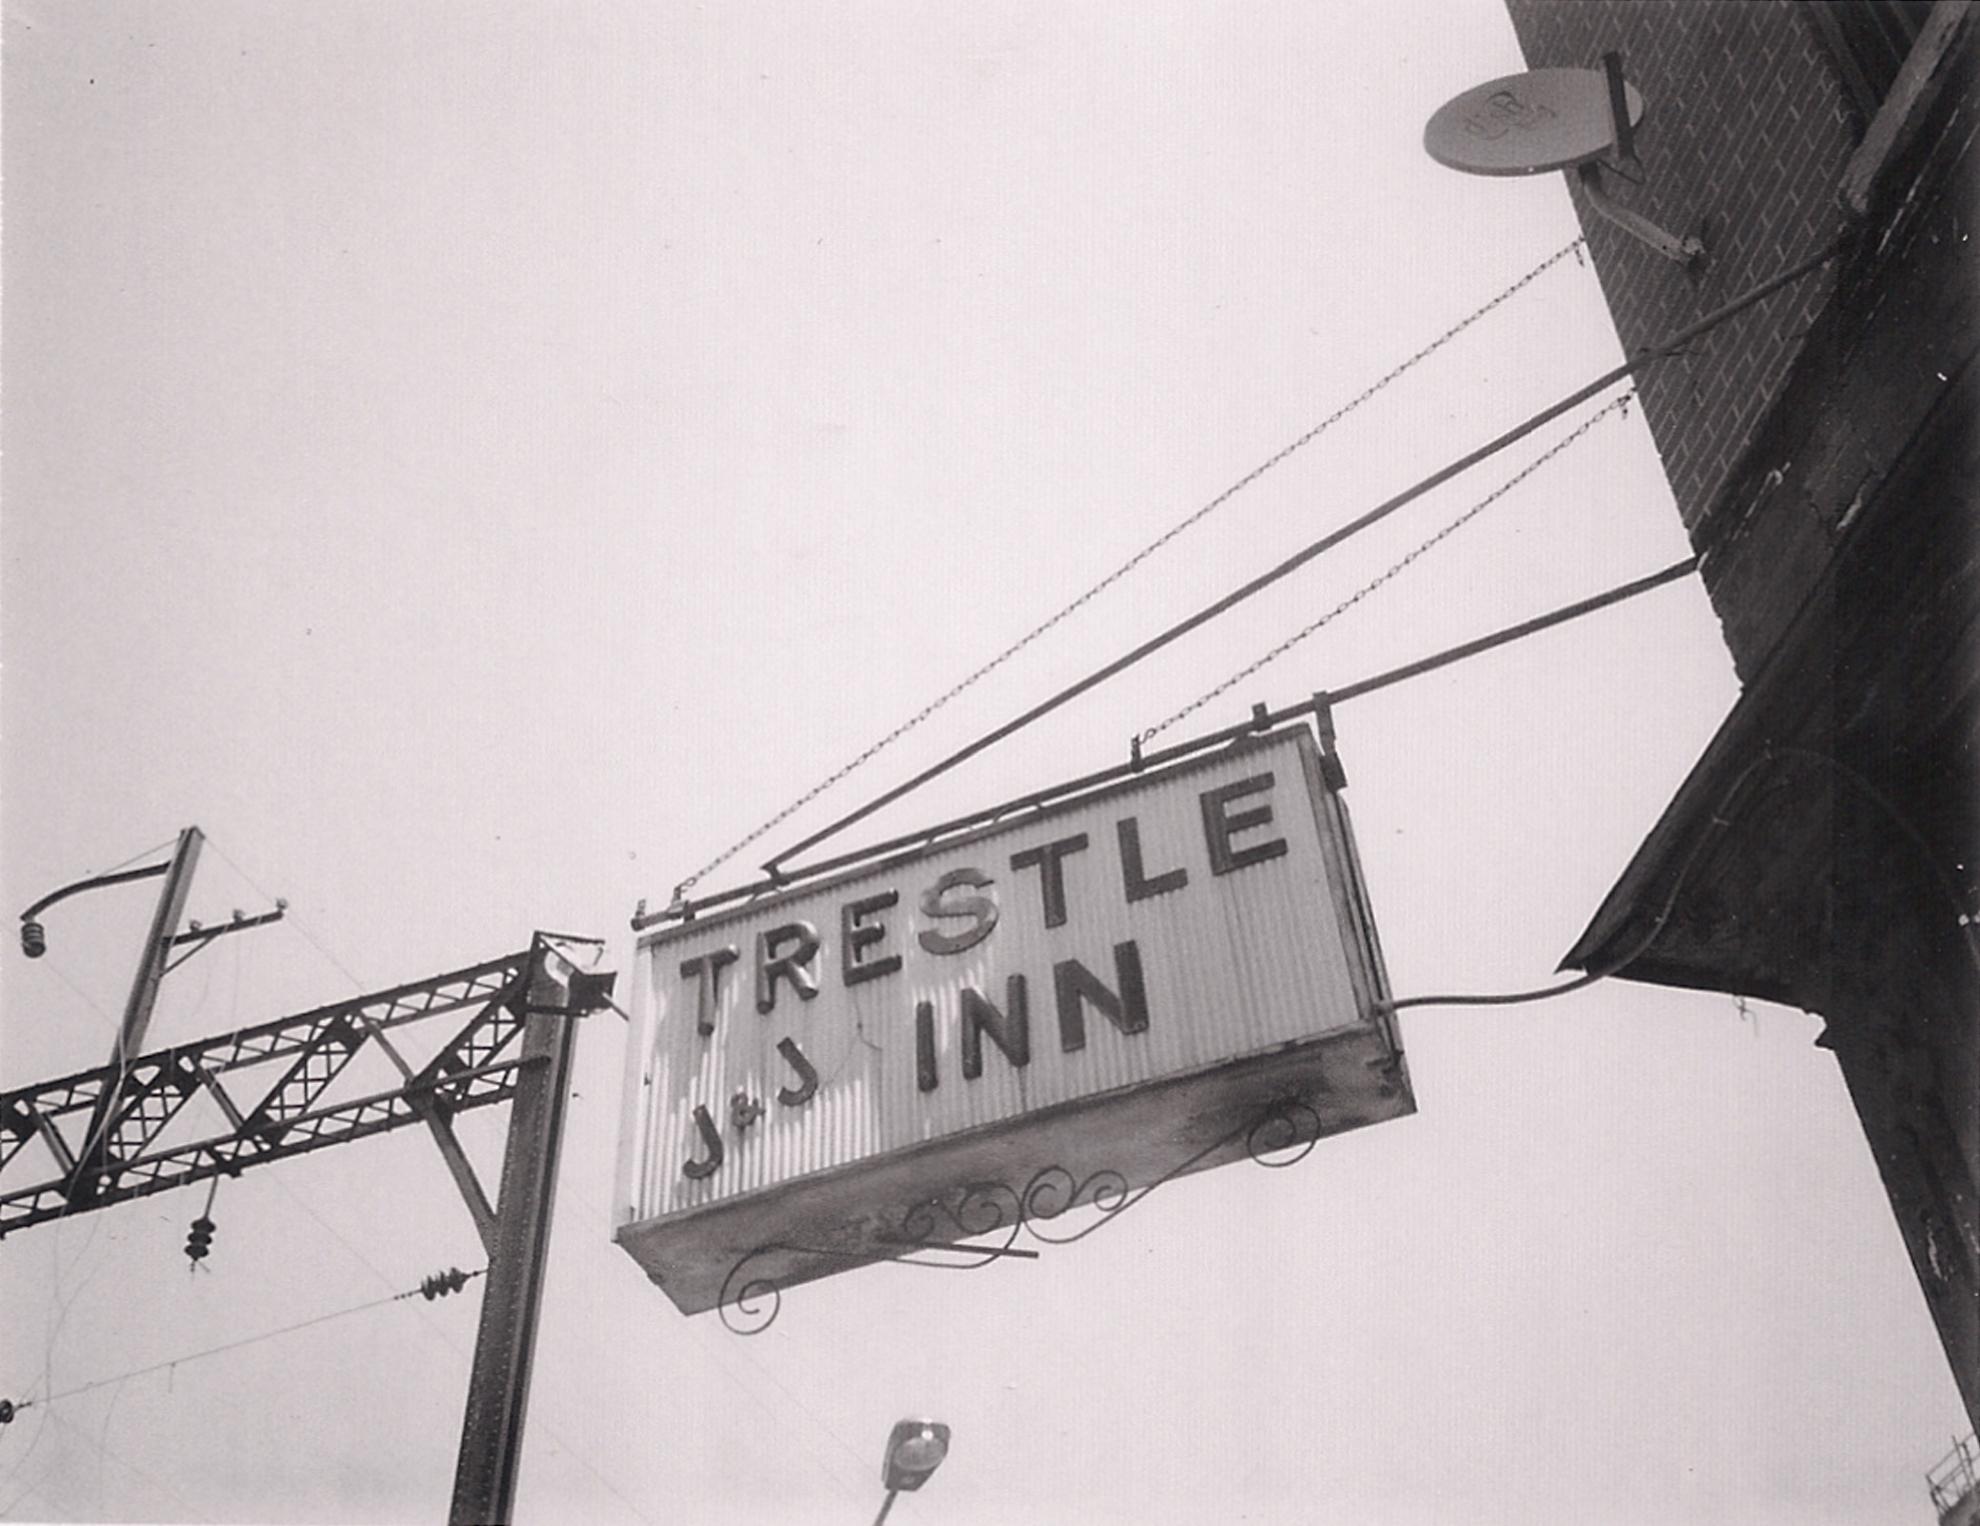 Trestle Inn cropped.jpg